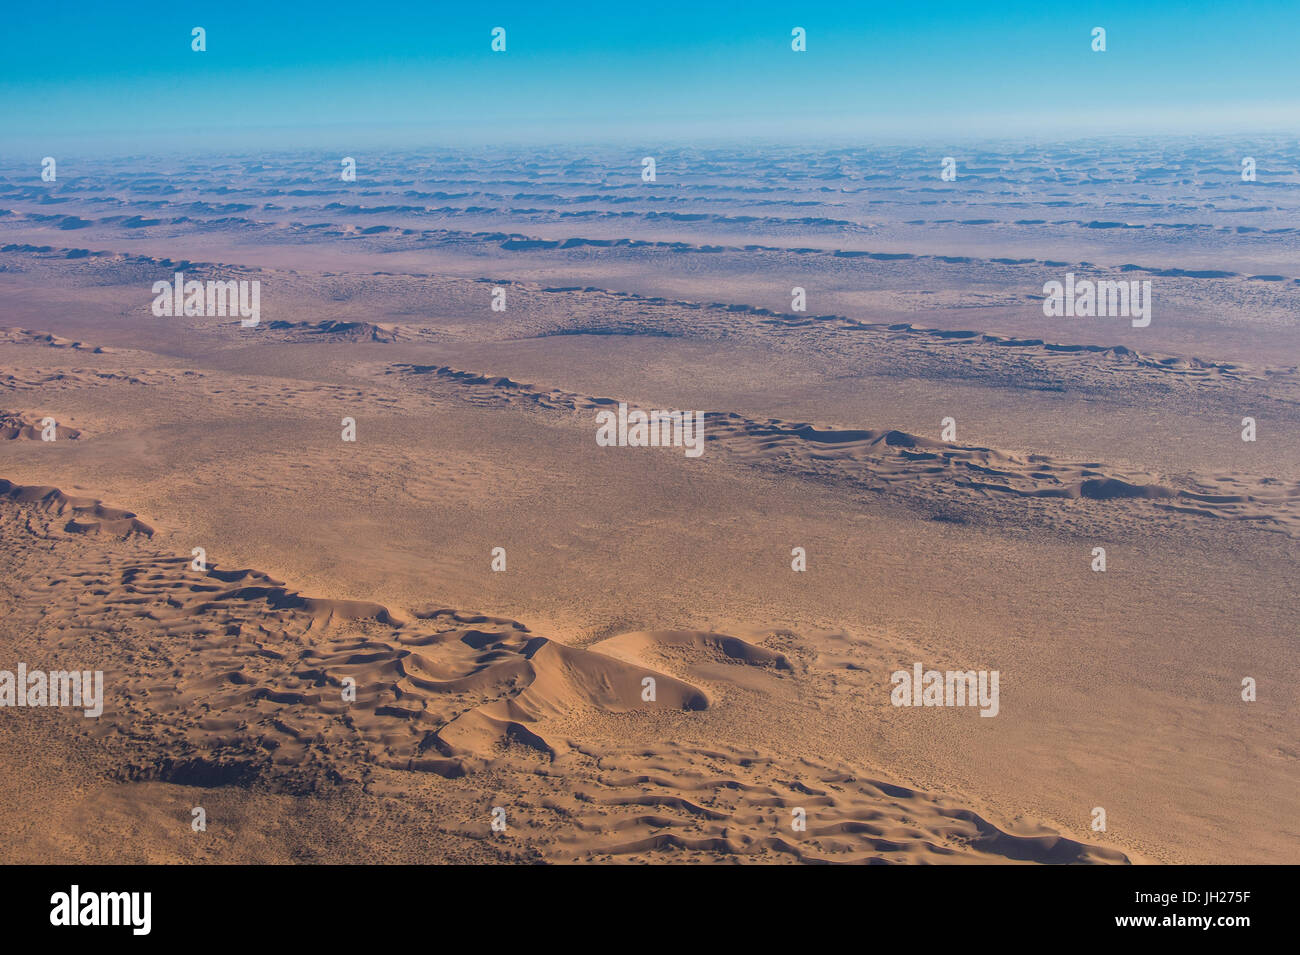 Vue aérienne de dunes de sable dans le désert du Namib, Namibie, Afrique Photo Stock